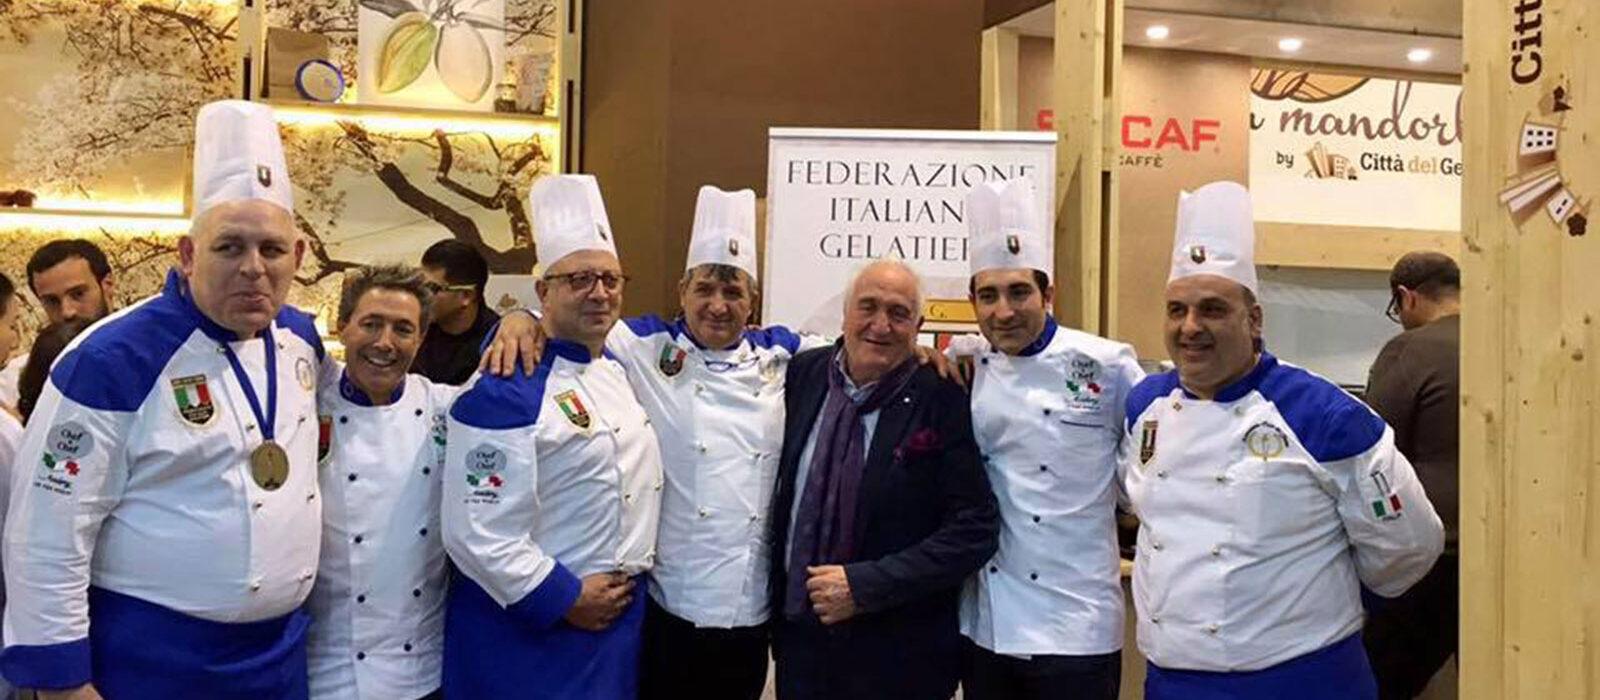 gelatieri-italia